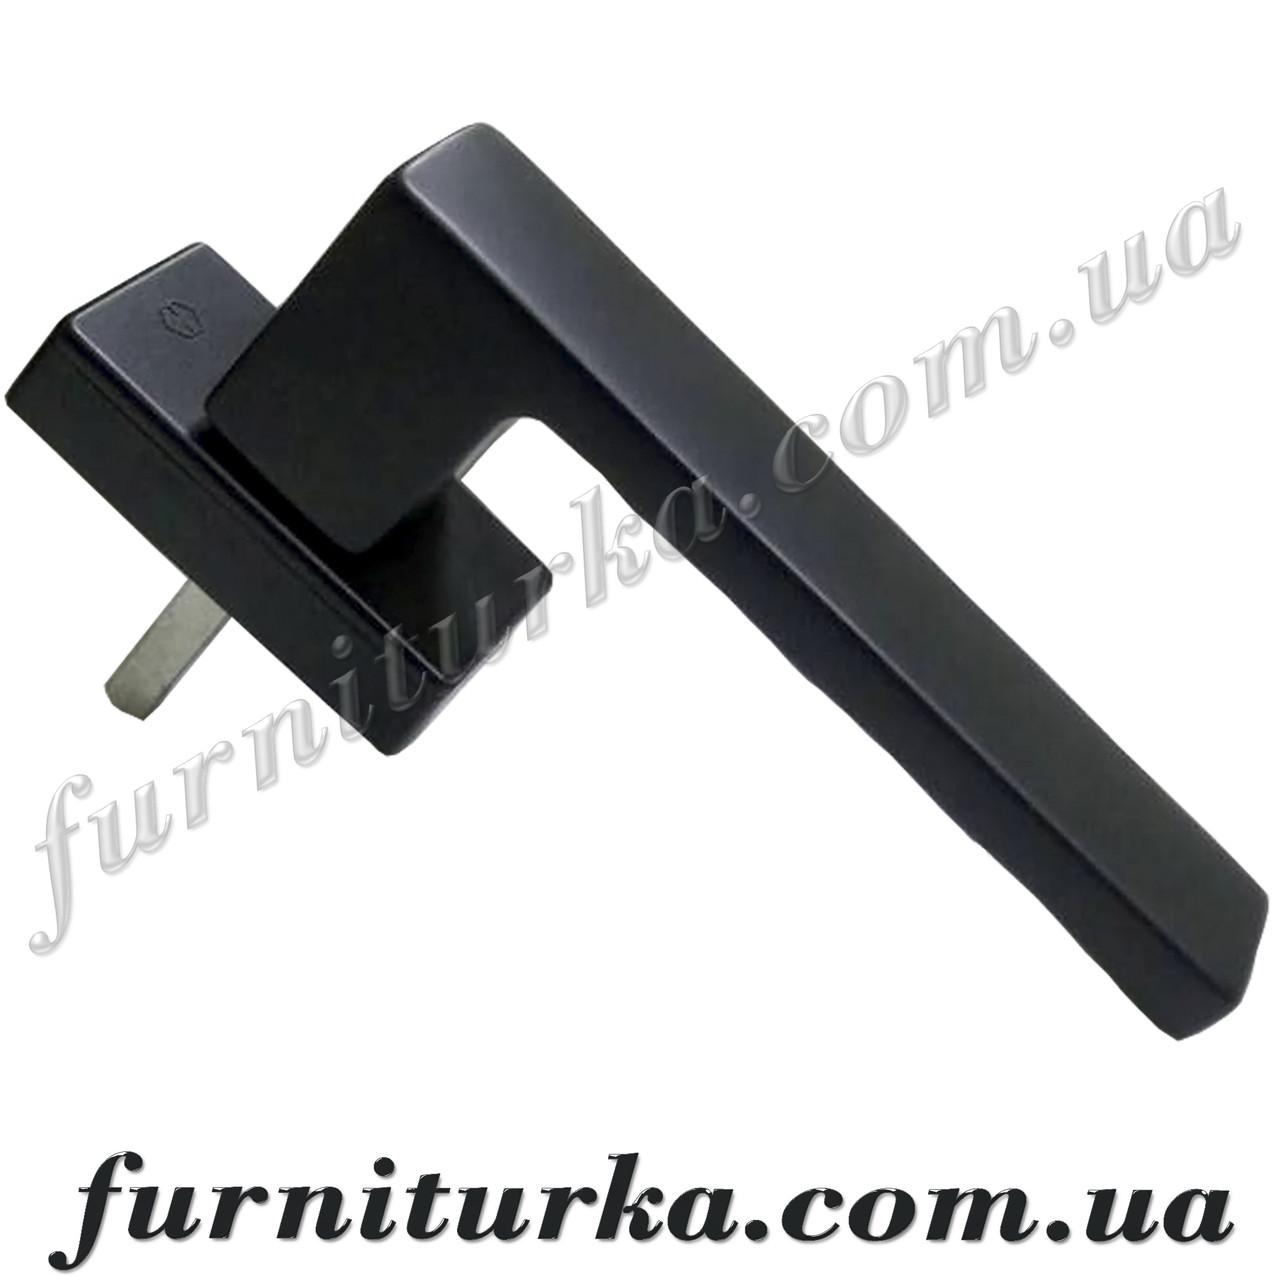 Ручка оконная Hoppe Toulon Secustik®, чёрная